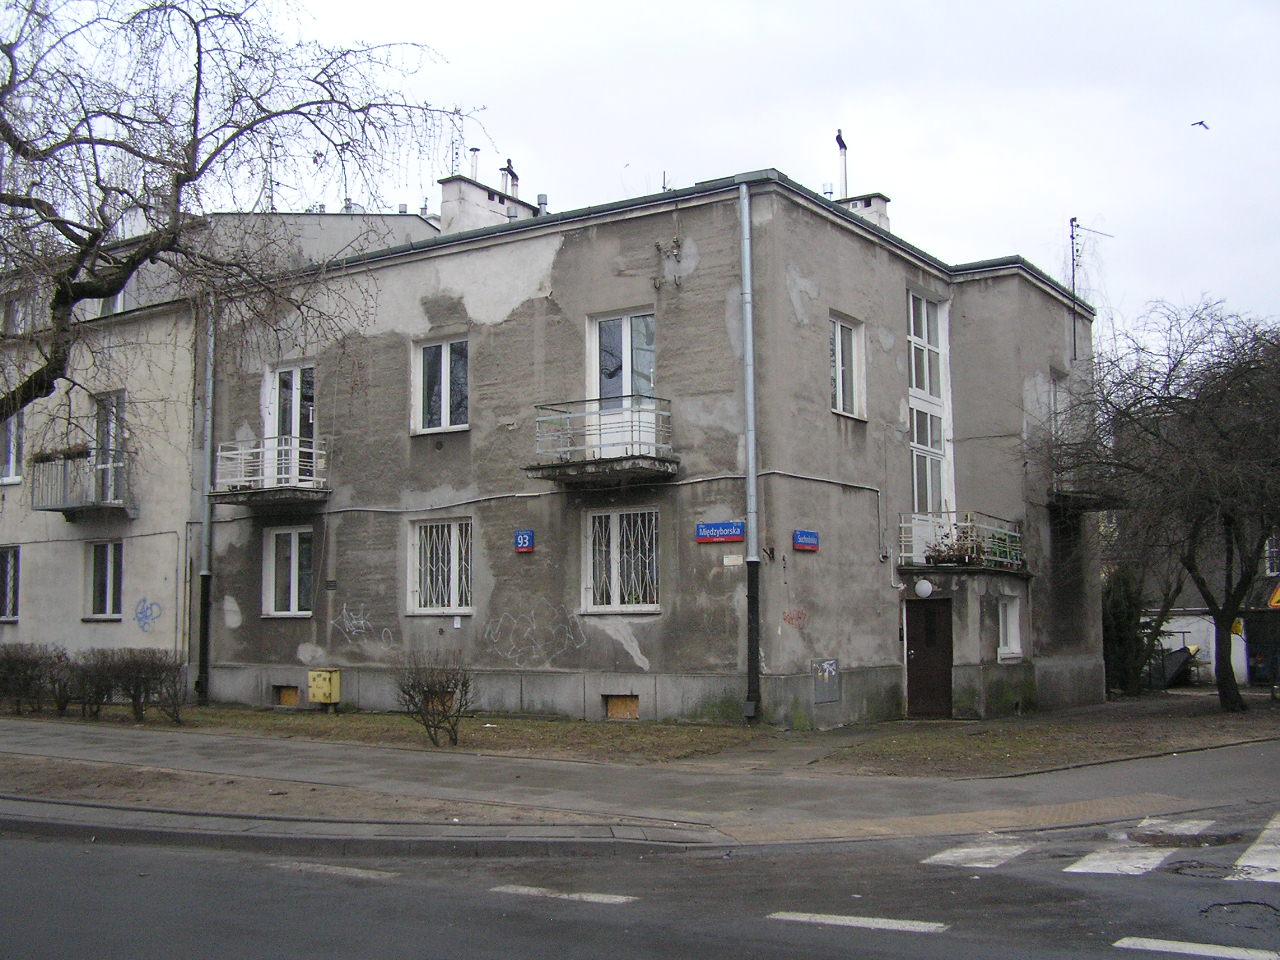 Kamienica przy ulicy Międzyborskiej 93 na Grochowie w Warszawie